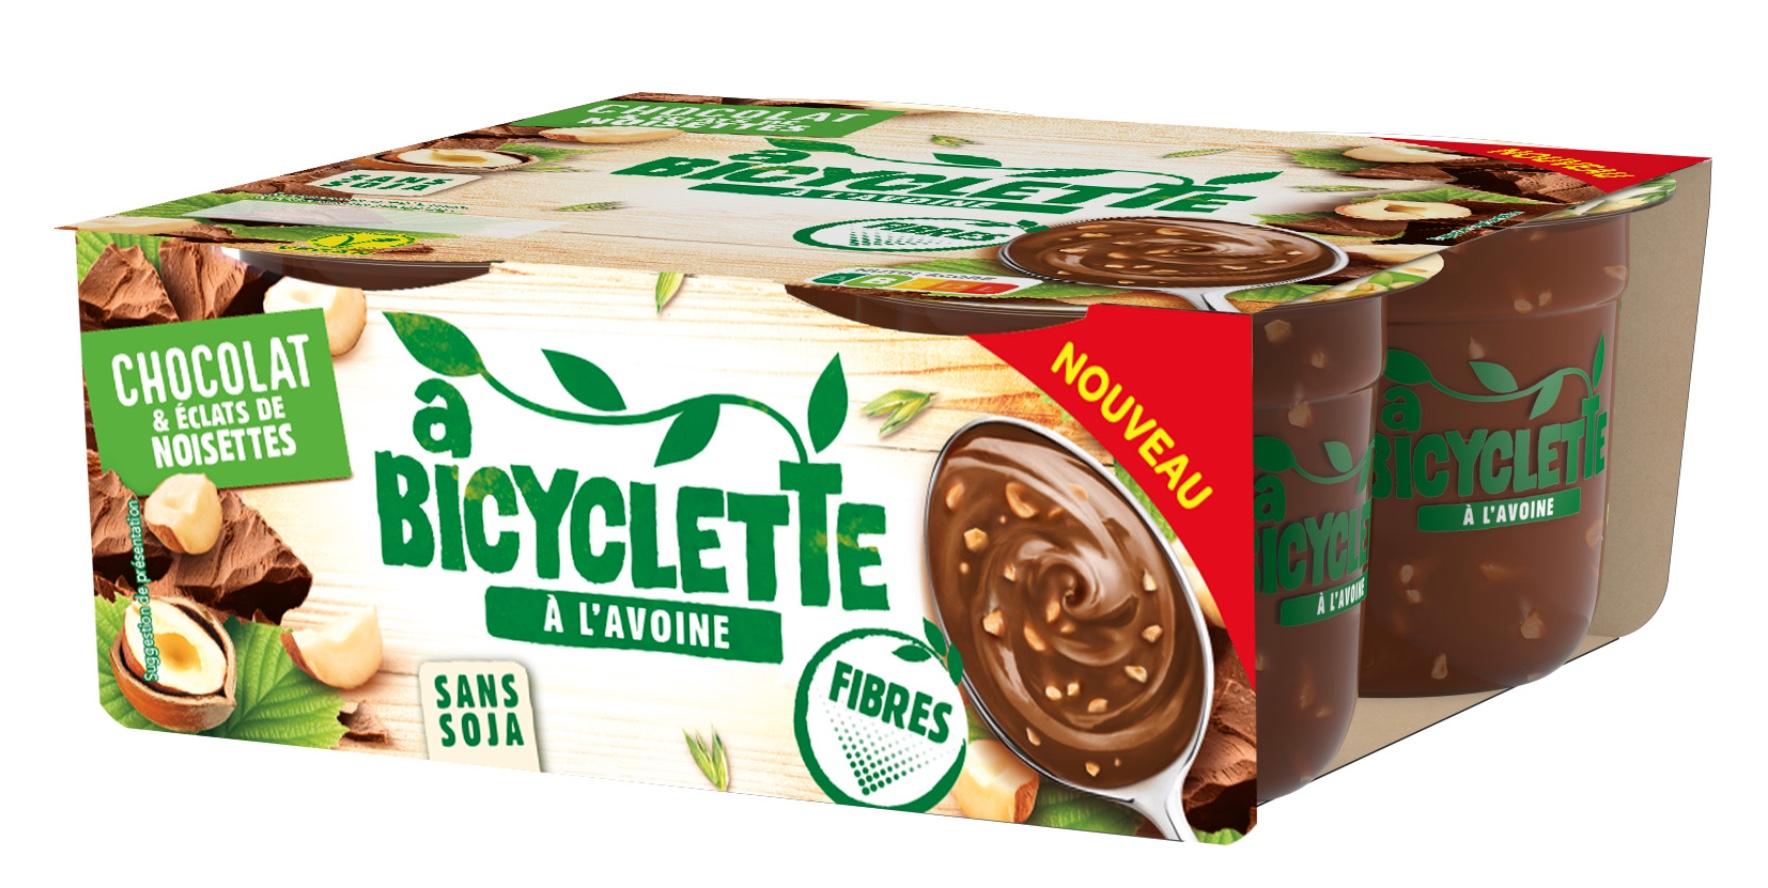 Capture decran 2021 06 19 a 10.51.40 - A Bicyclette lance deux nouvelles recettes 100% végétales au chocolat